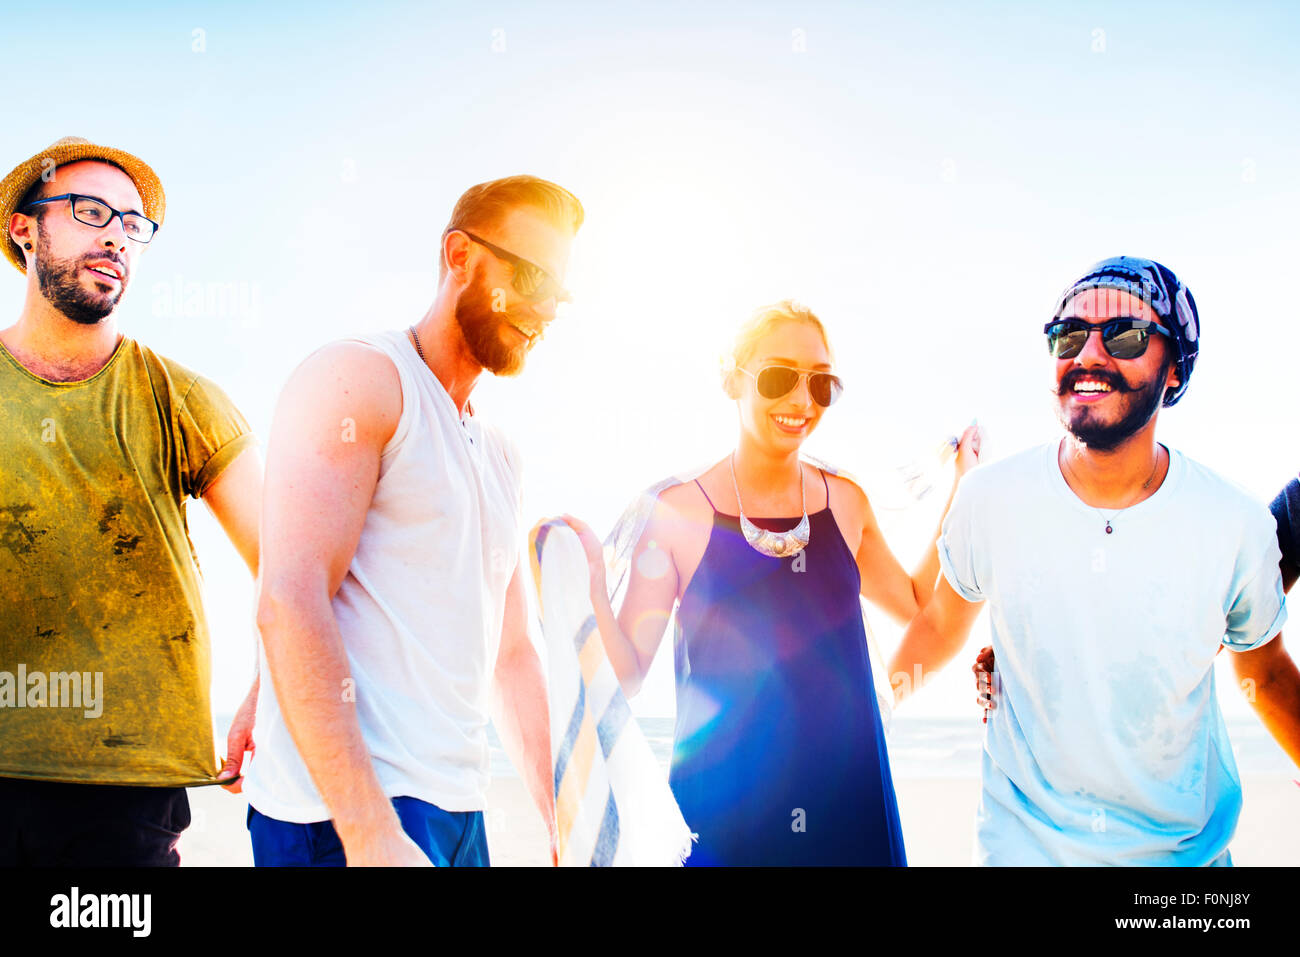 Il legame di amicizia Relax Estate spiaggia felicità Concept Immagini Stock